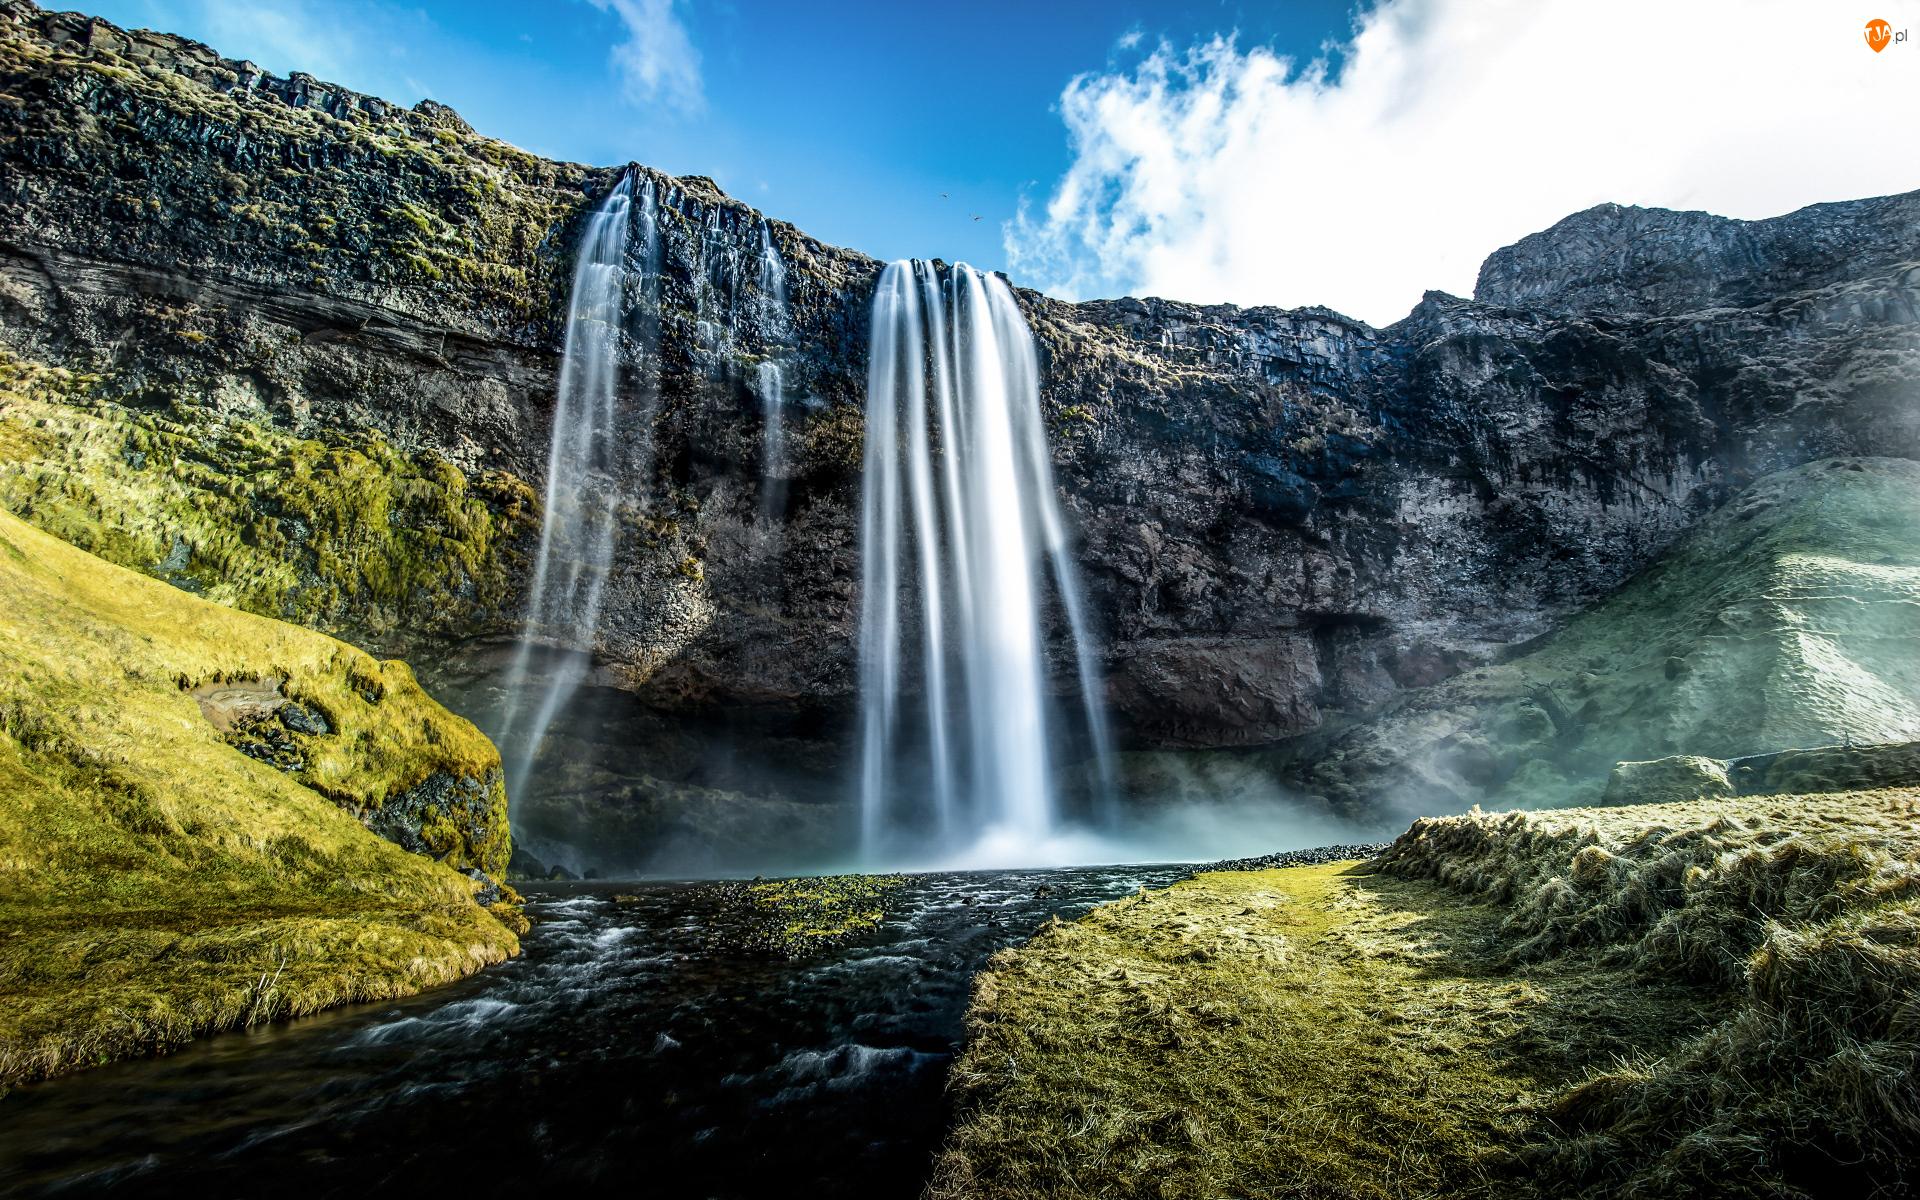 Islandia, Skały, Wodospad Seljalandsfoss, Roślinność